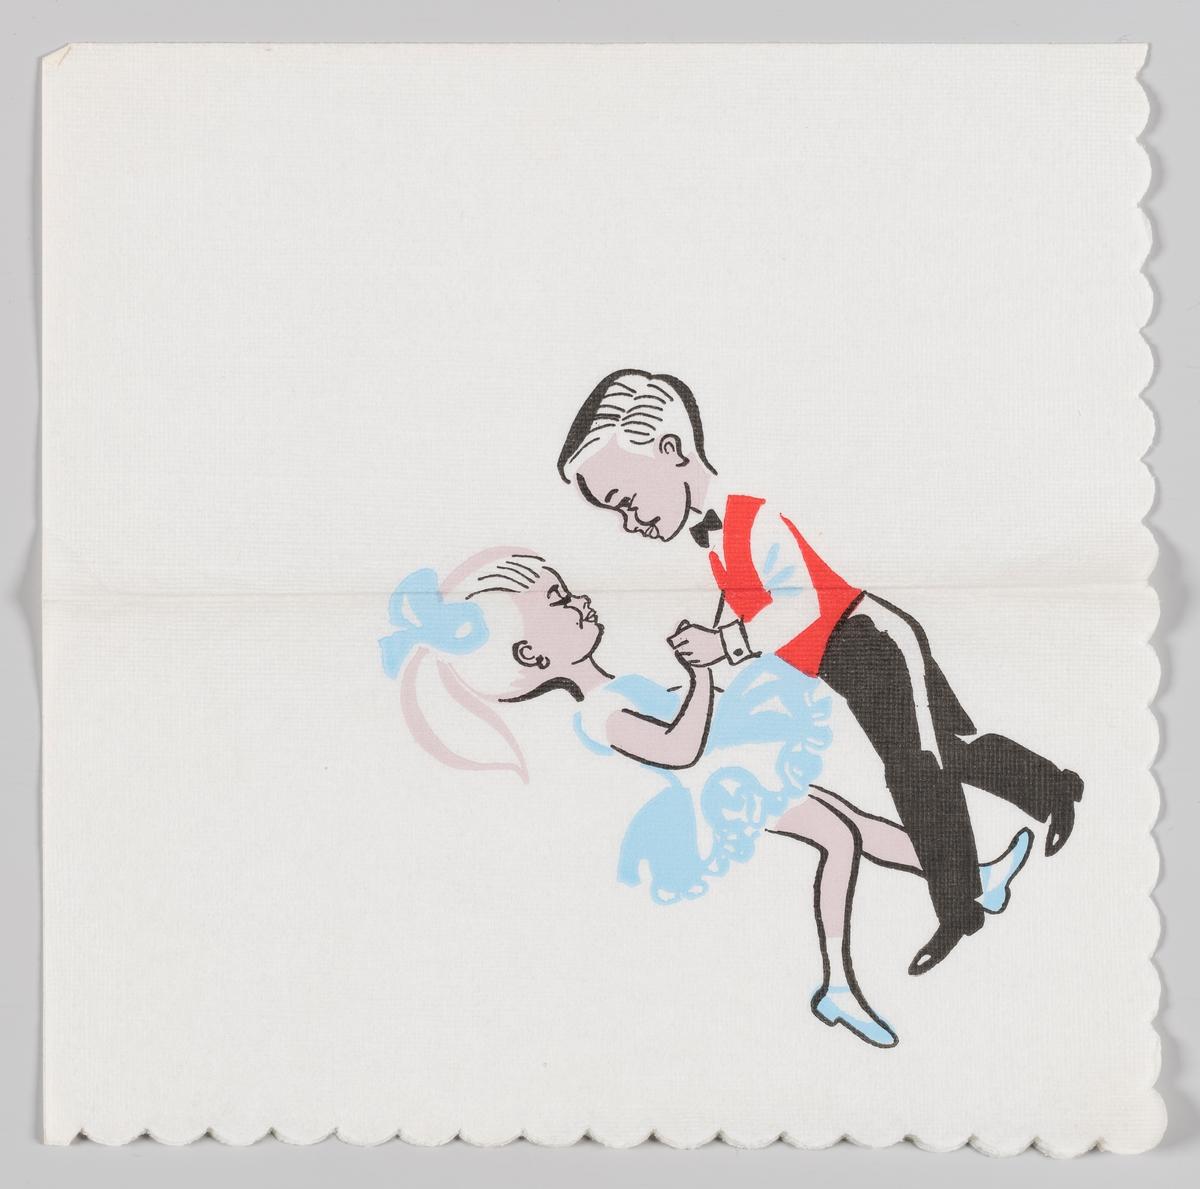 En gutt i rød vest og sort bukse som danser med en jente i lyseblå kort kjole, lyseblå sko og lyseblå sløyfe i håret.